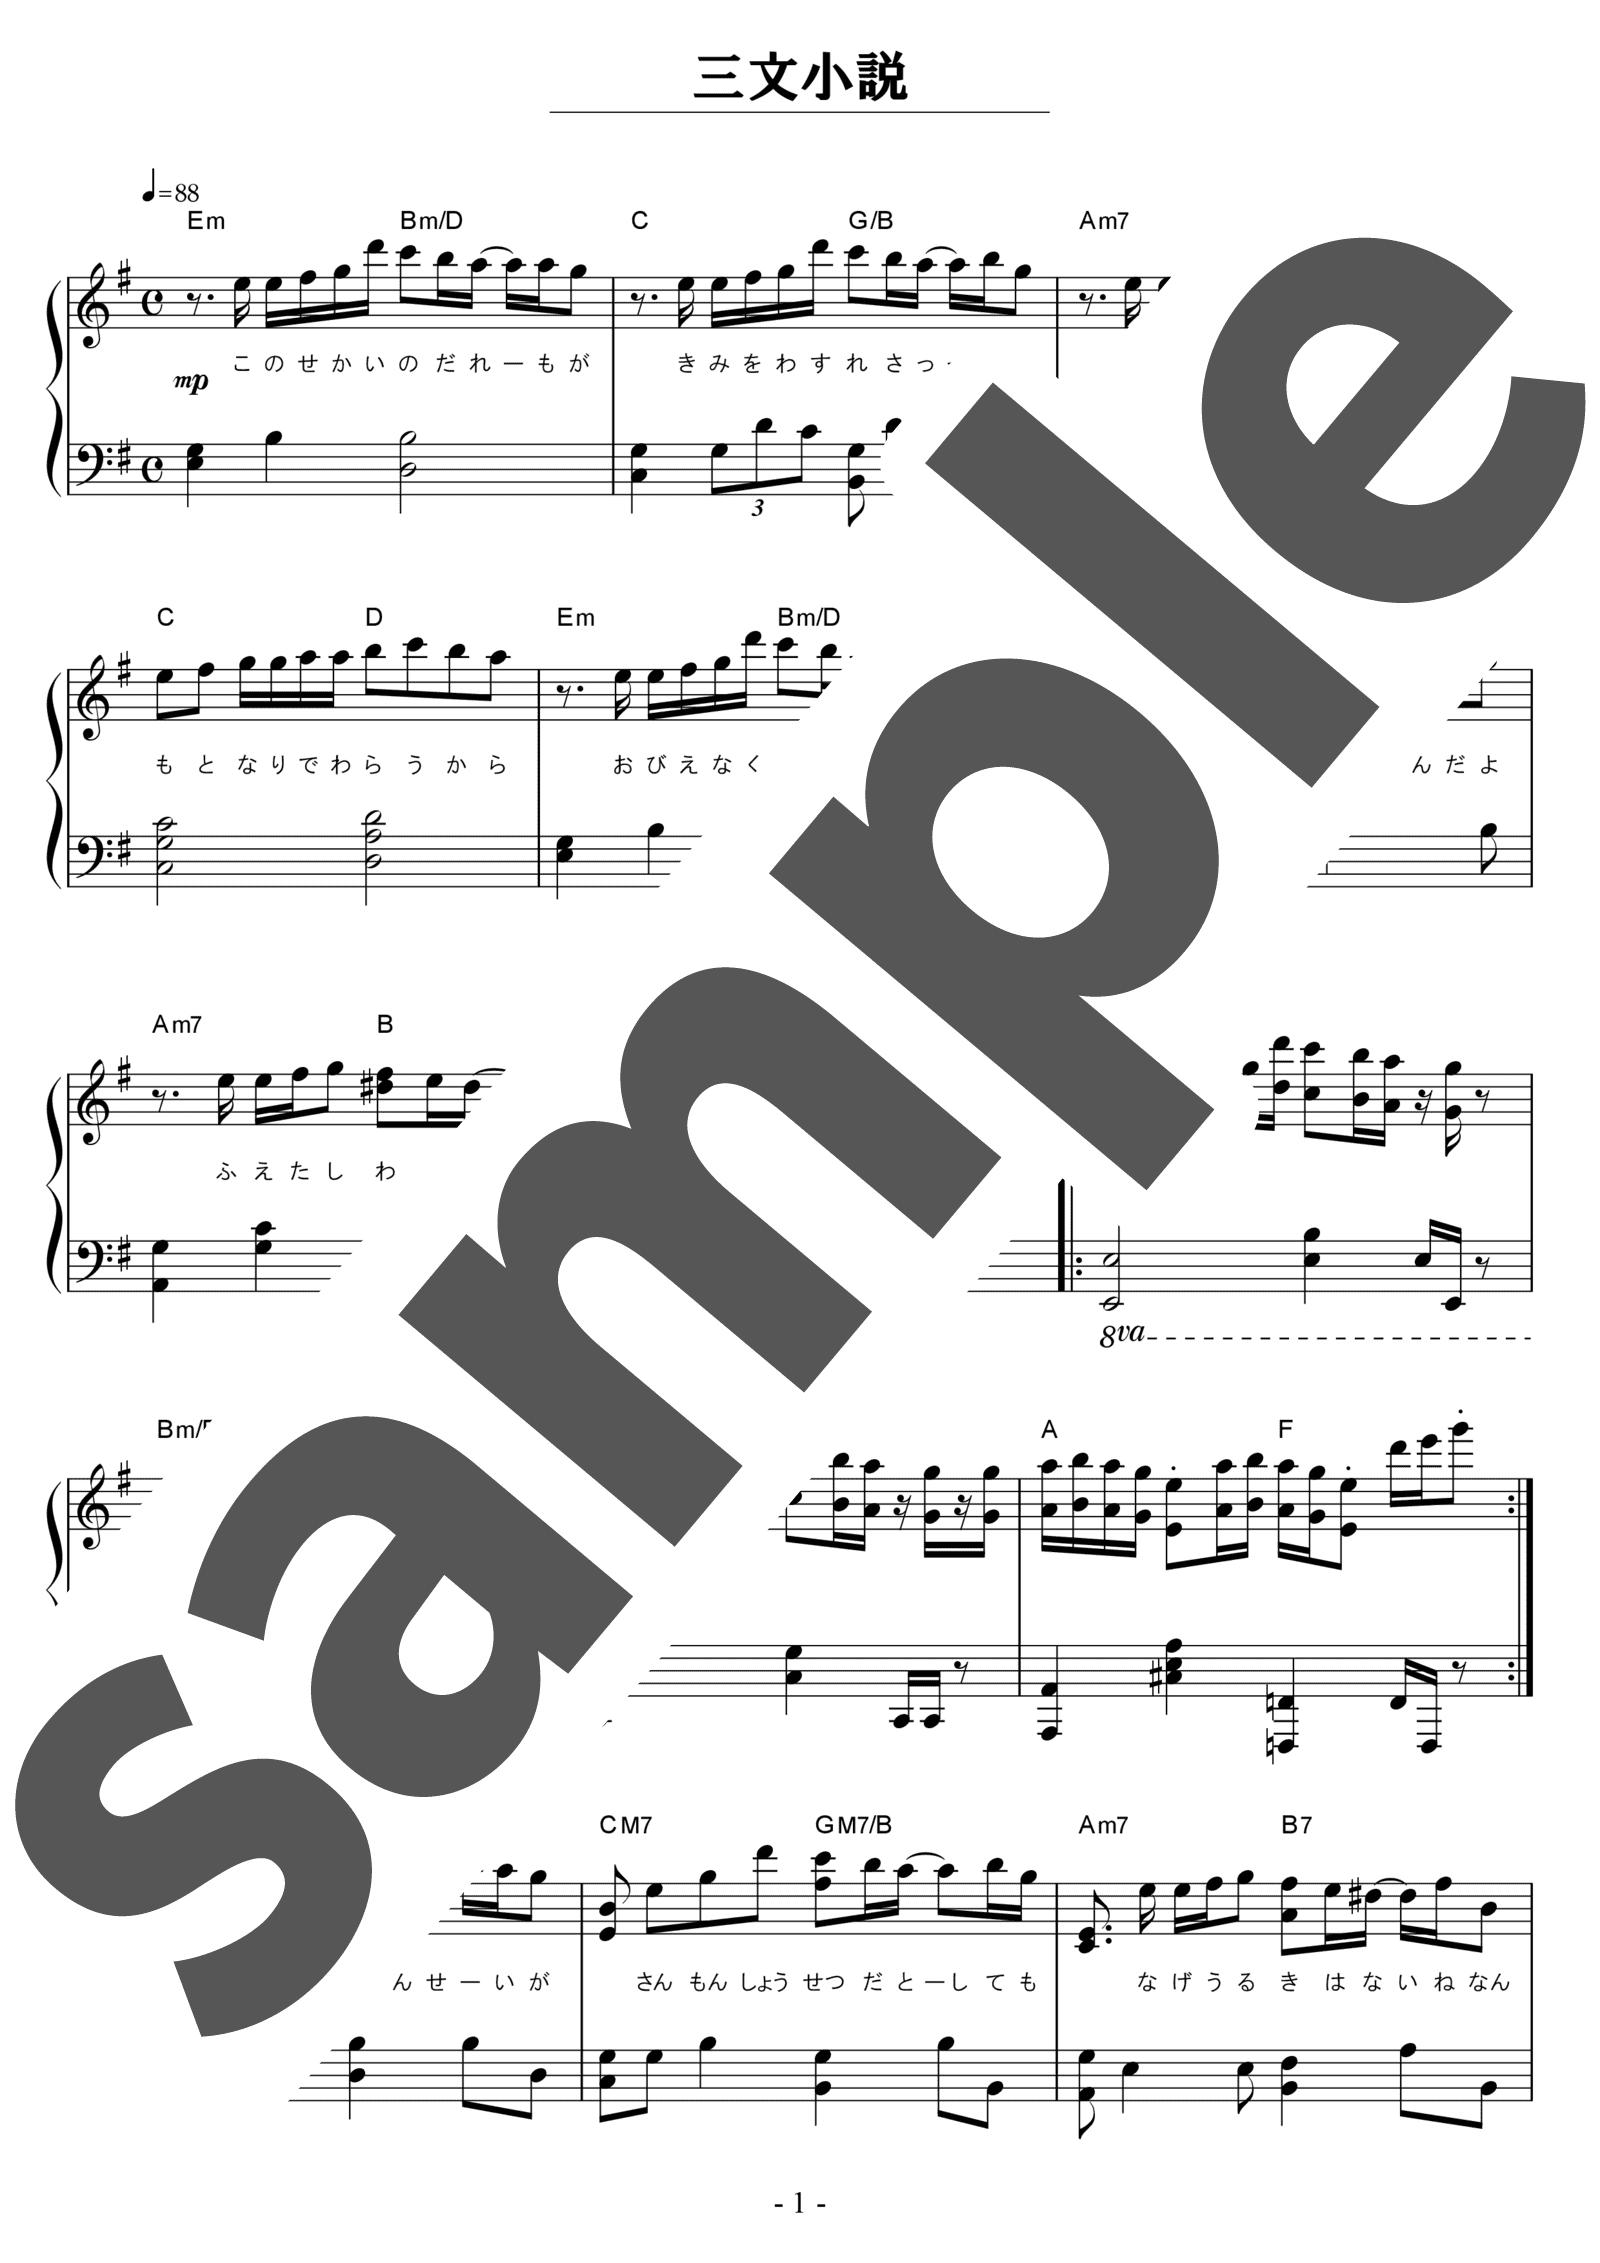 ピアノ楽譜】三文小説 / King Gnu(ソロ / 中級) | 電子楽譜カノン